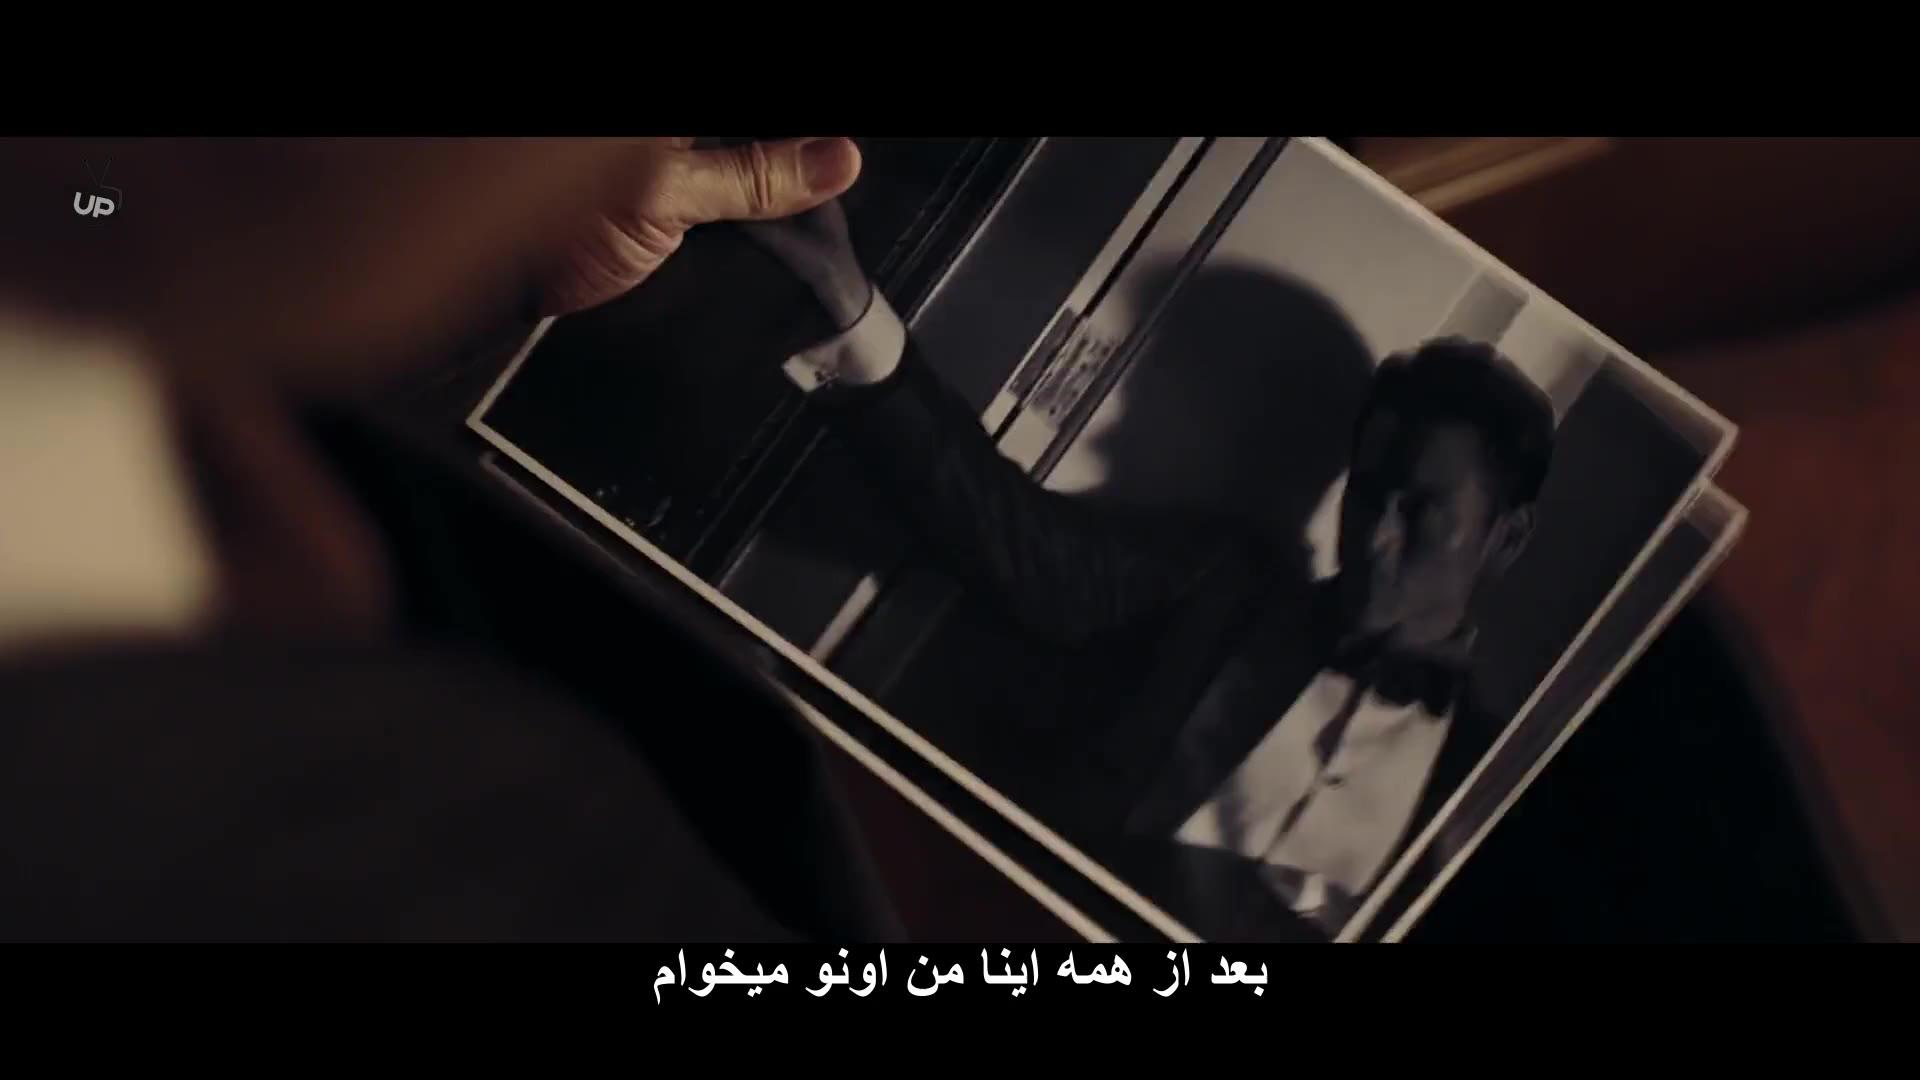 """دانلود فیلم سینمایی مرد مخفی """"Hidden Man 2018"""" با زیرنویس فارسی"""